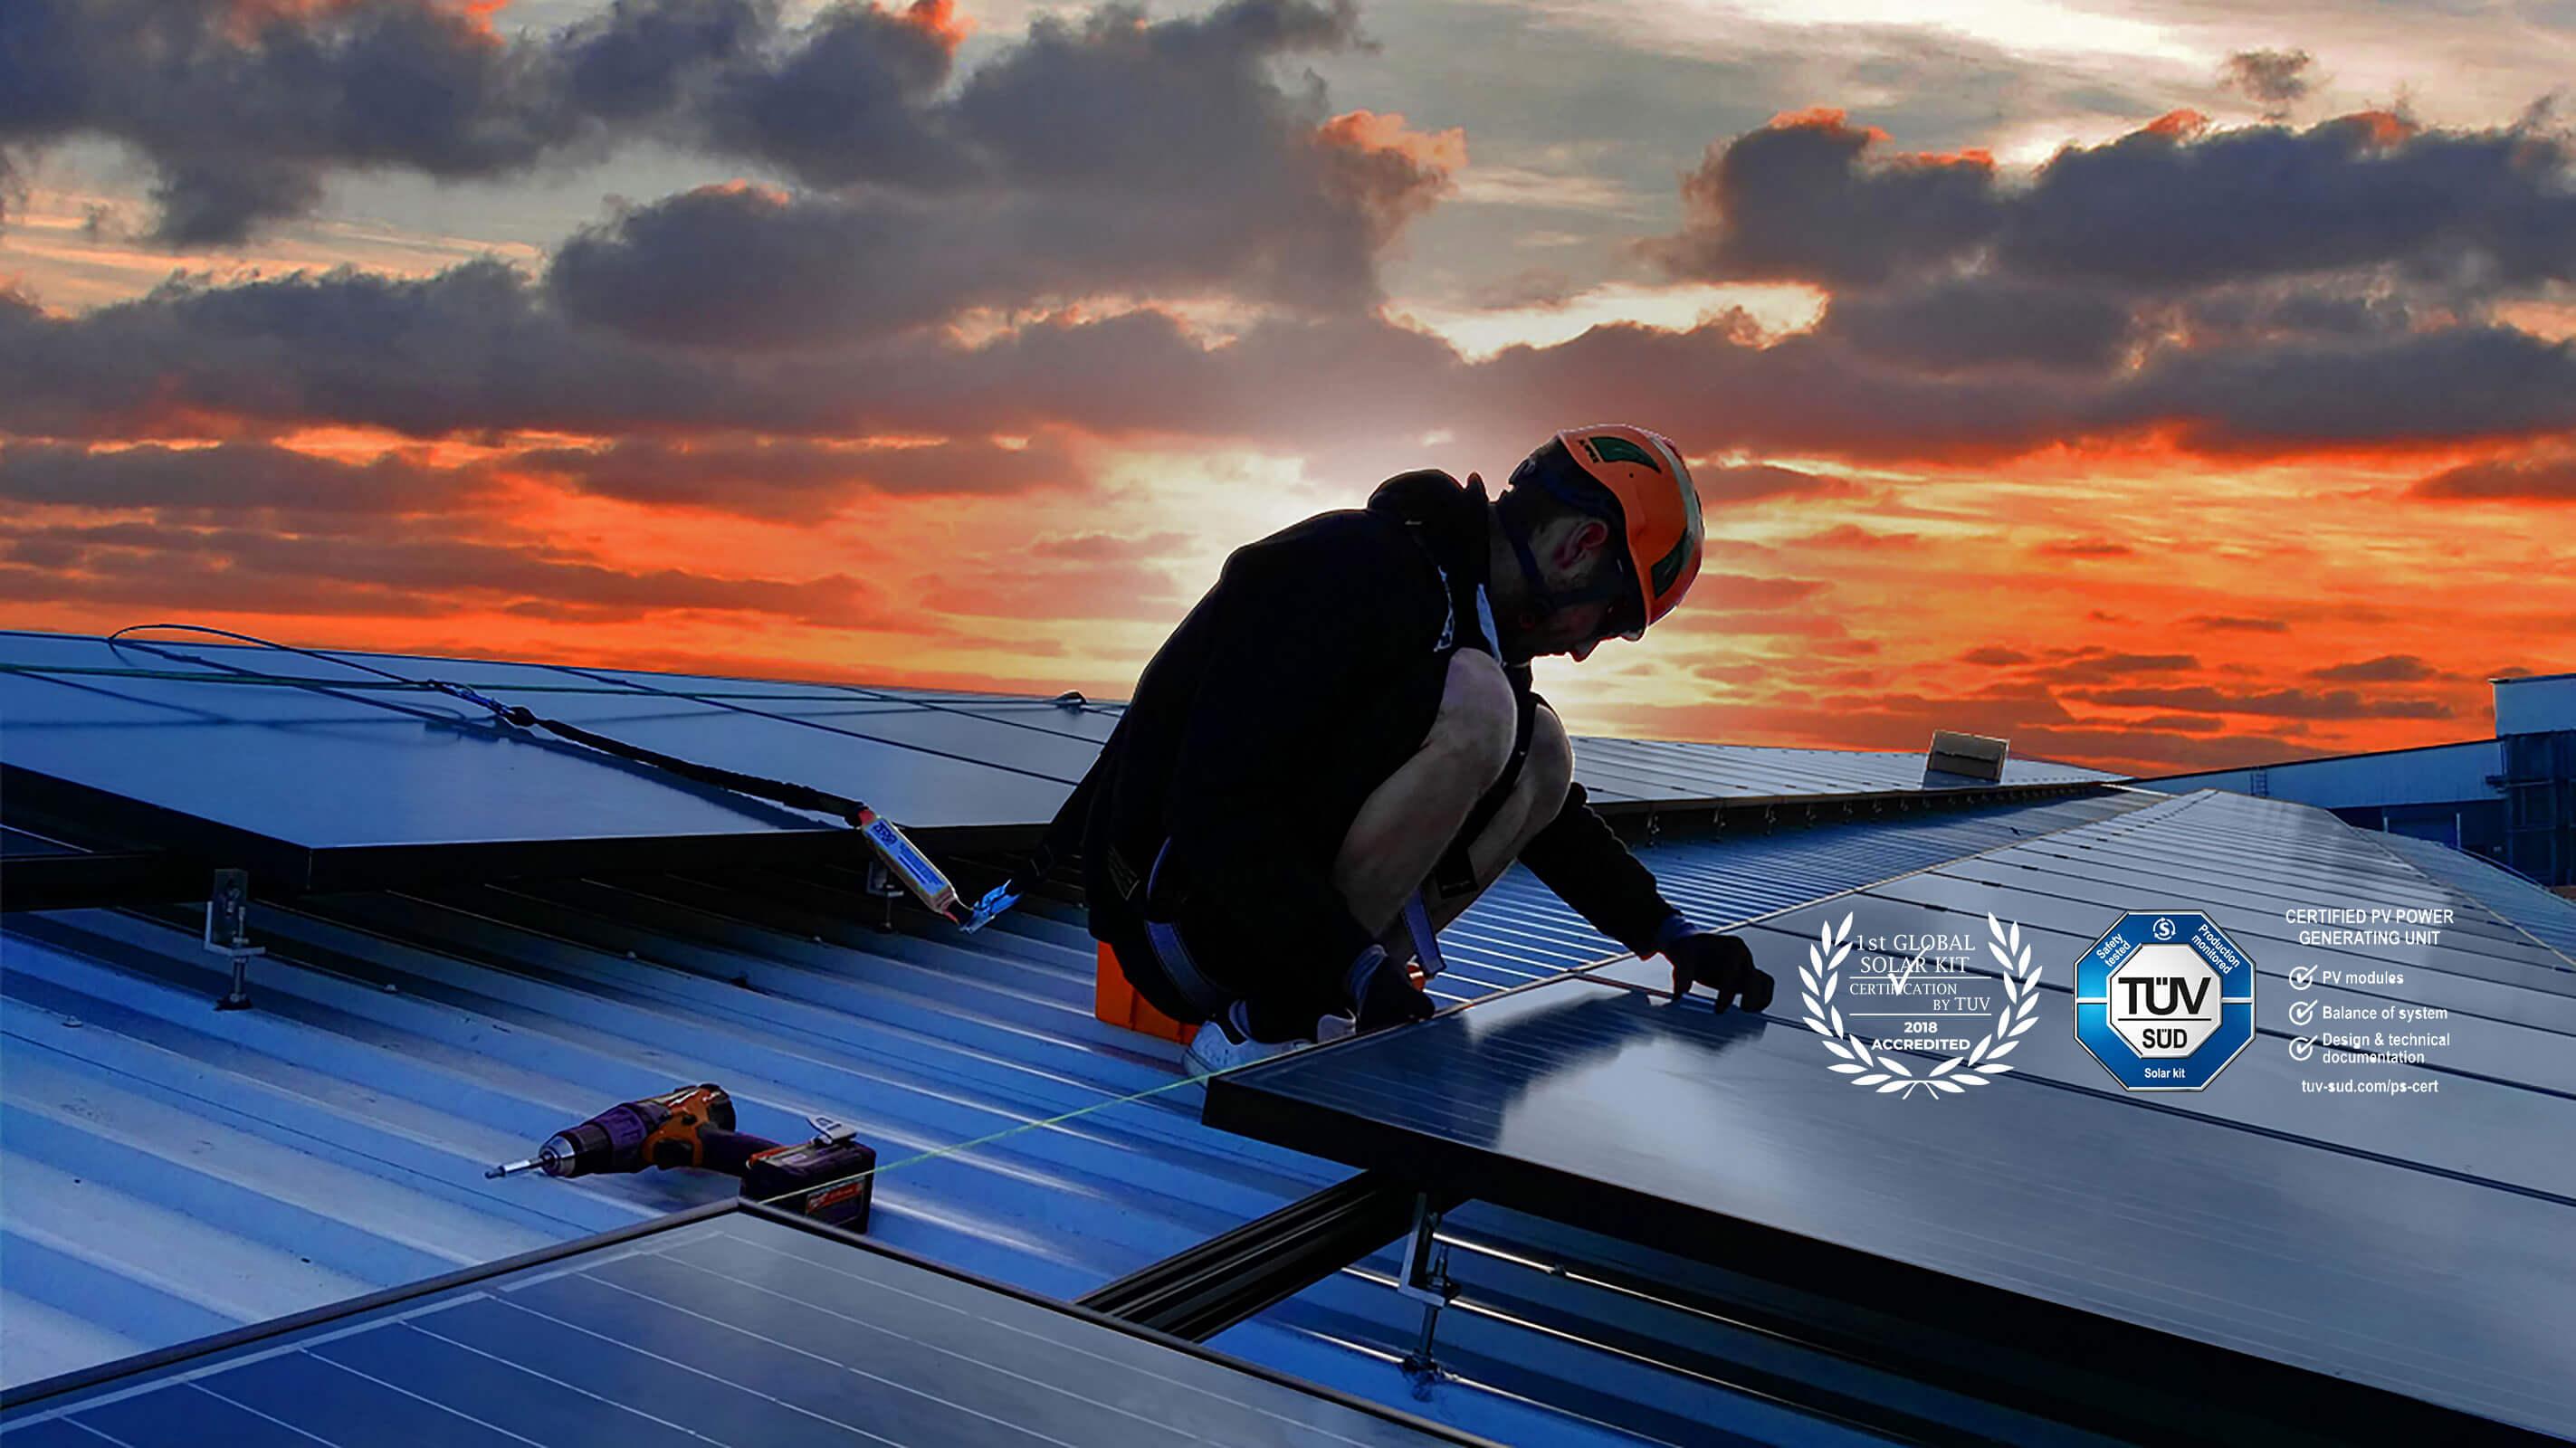 Sistemas de energia solar symtech solar